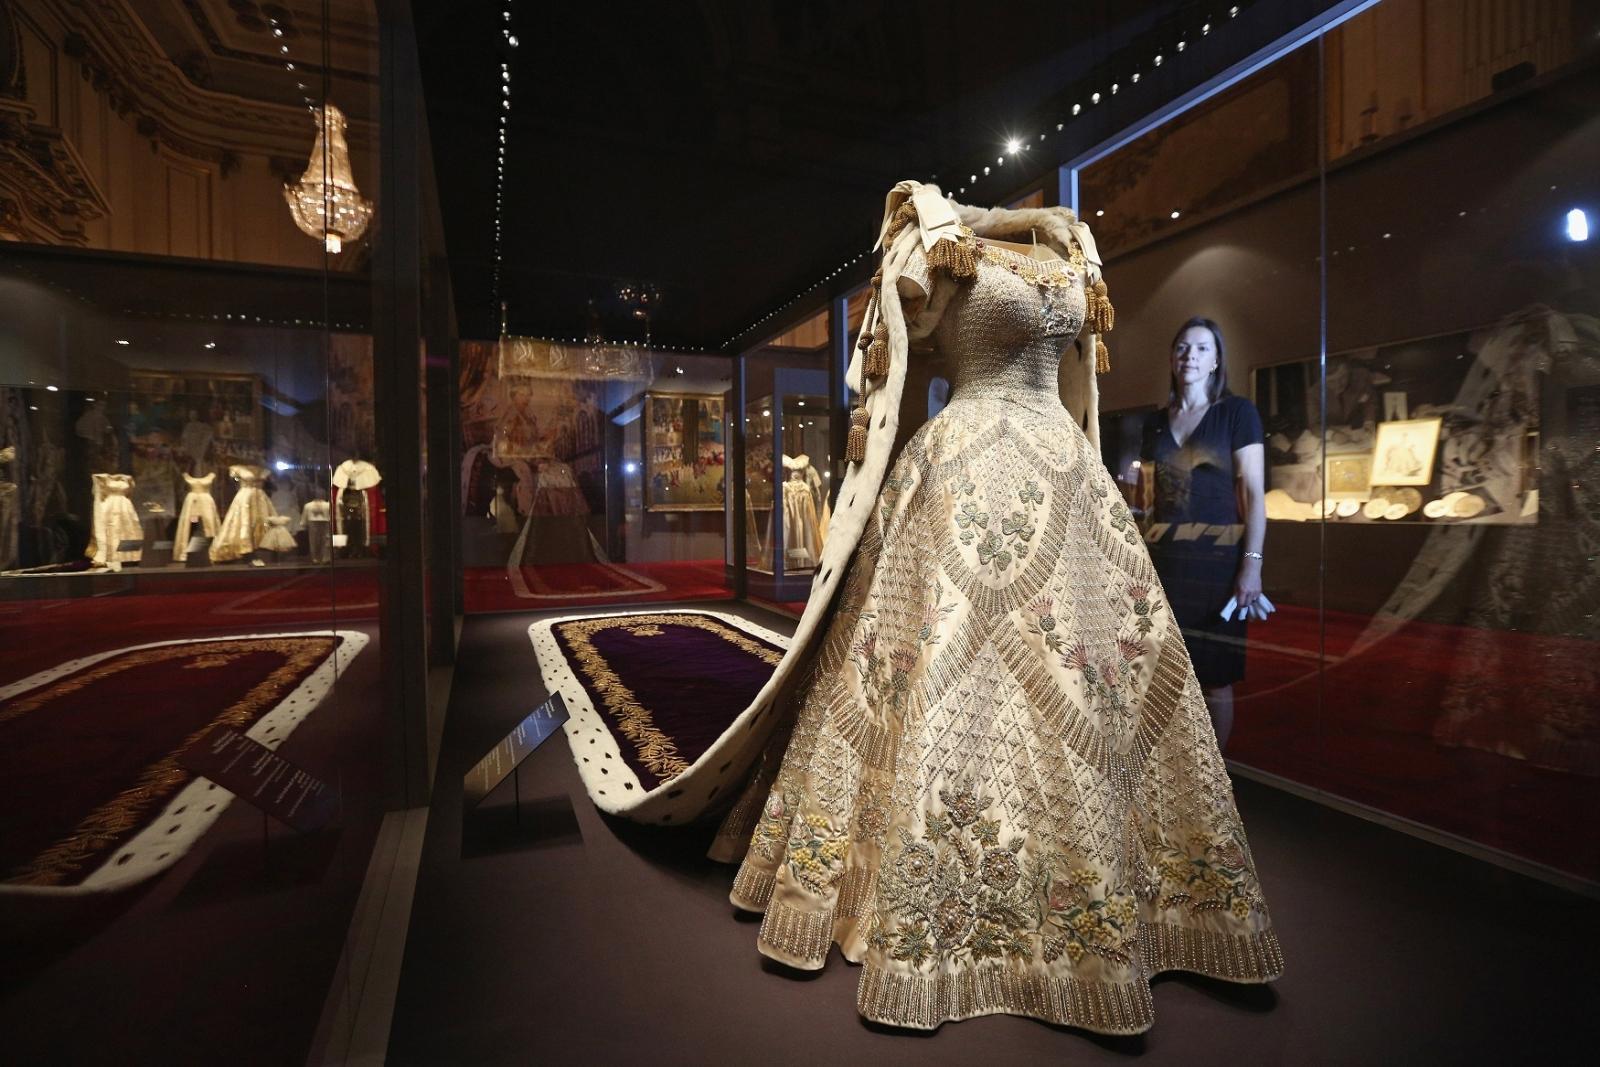 Queen Elizabeth gown